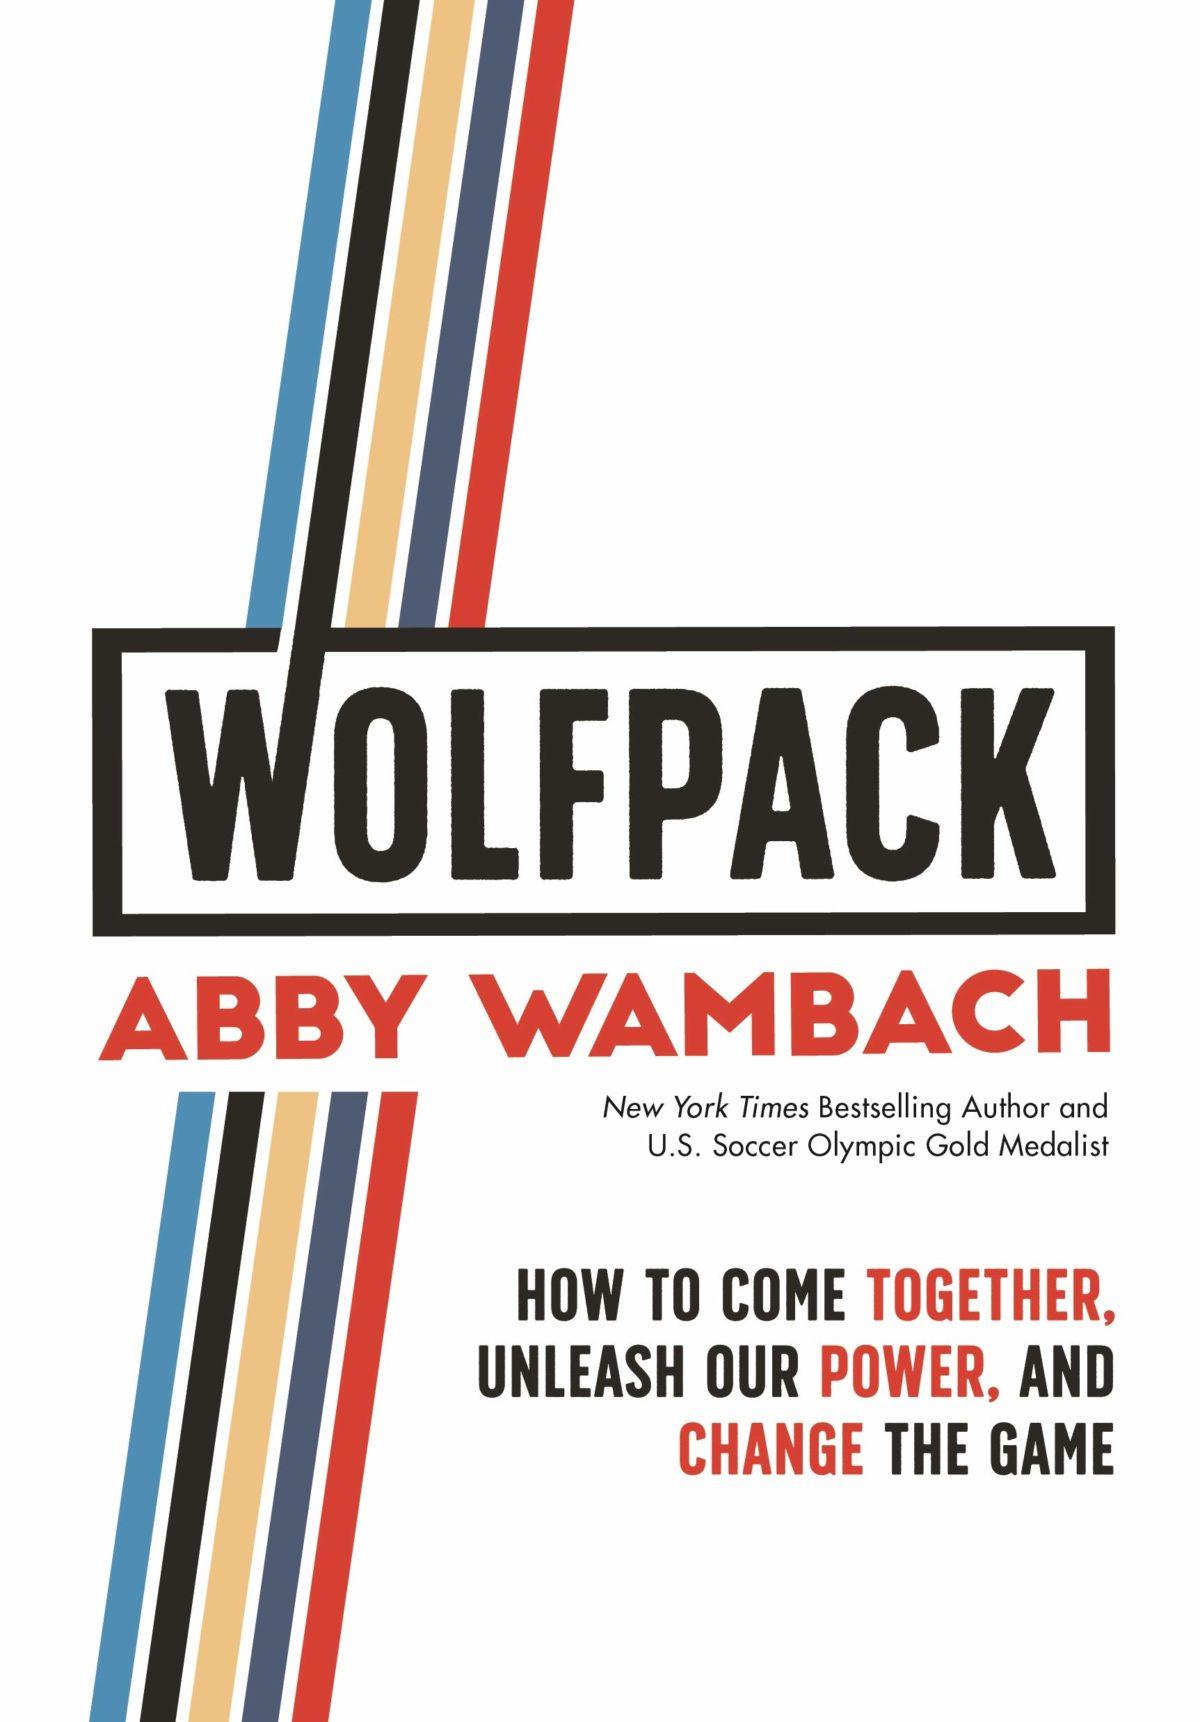 Abby Wambach's Book